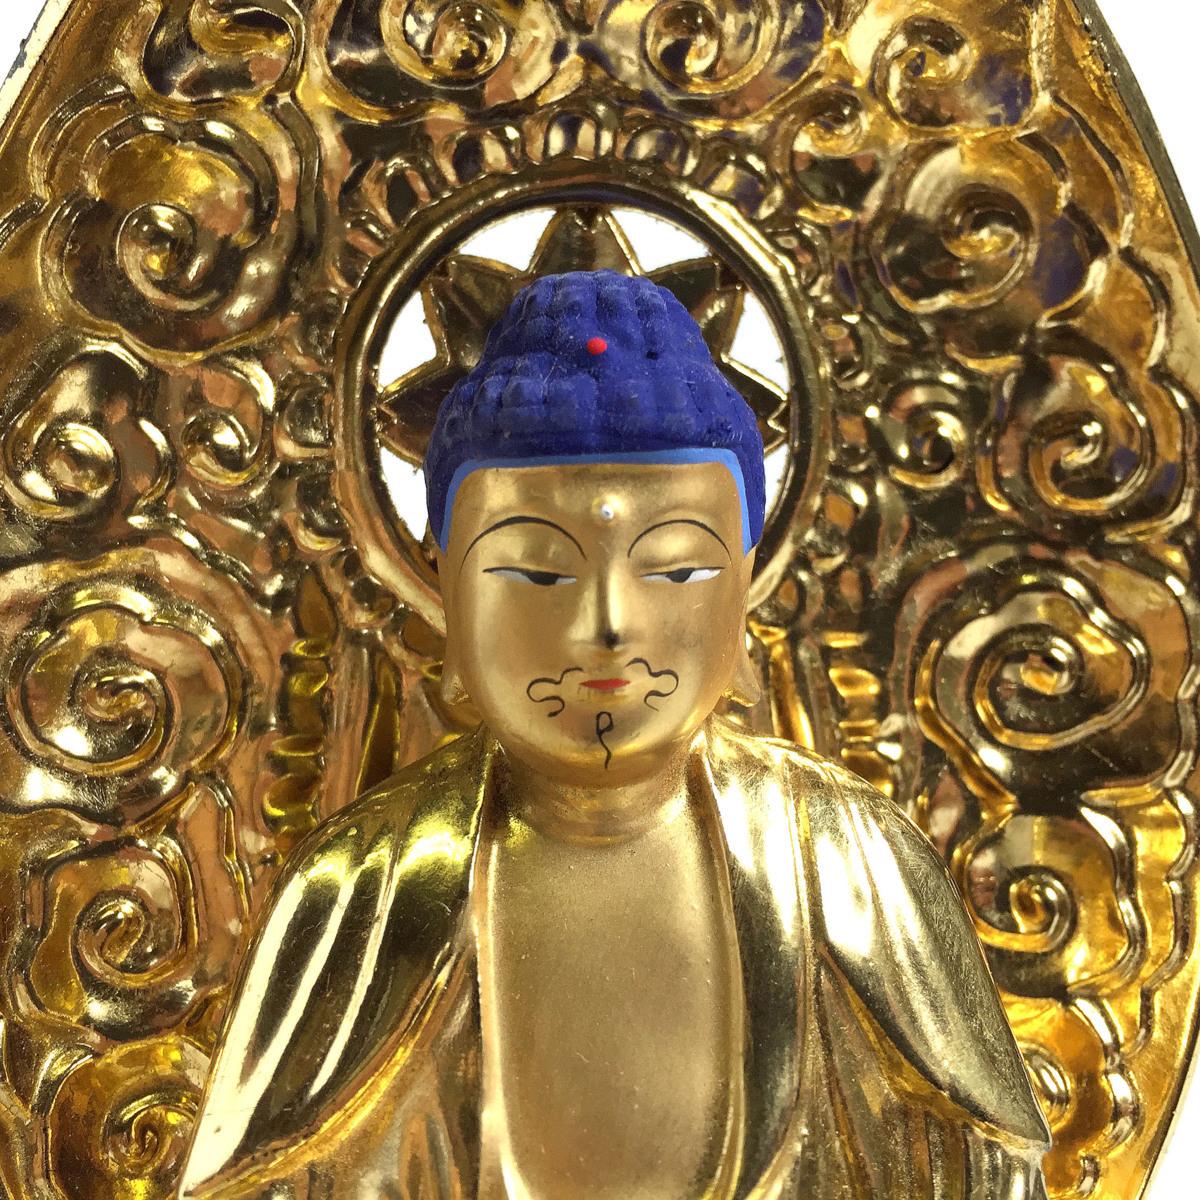 2345 座釈迦 釈迦如来 座像 ご本尊 仏像 仏教 純金中七肌粉仕上げ 2.0号 高さ約21cm リサイクル アンティーク 紀の国屋_画像5